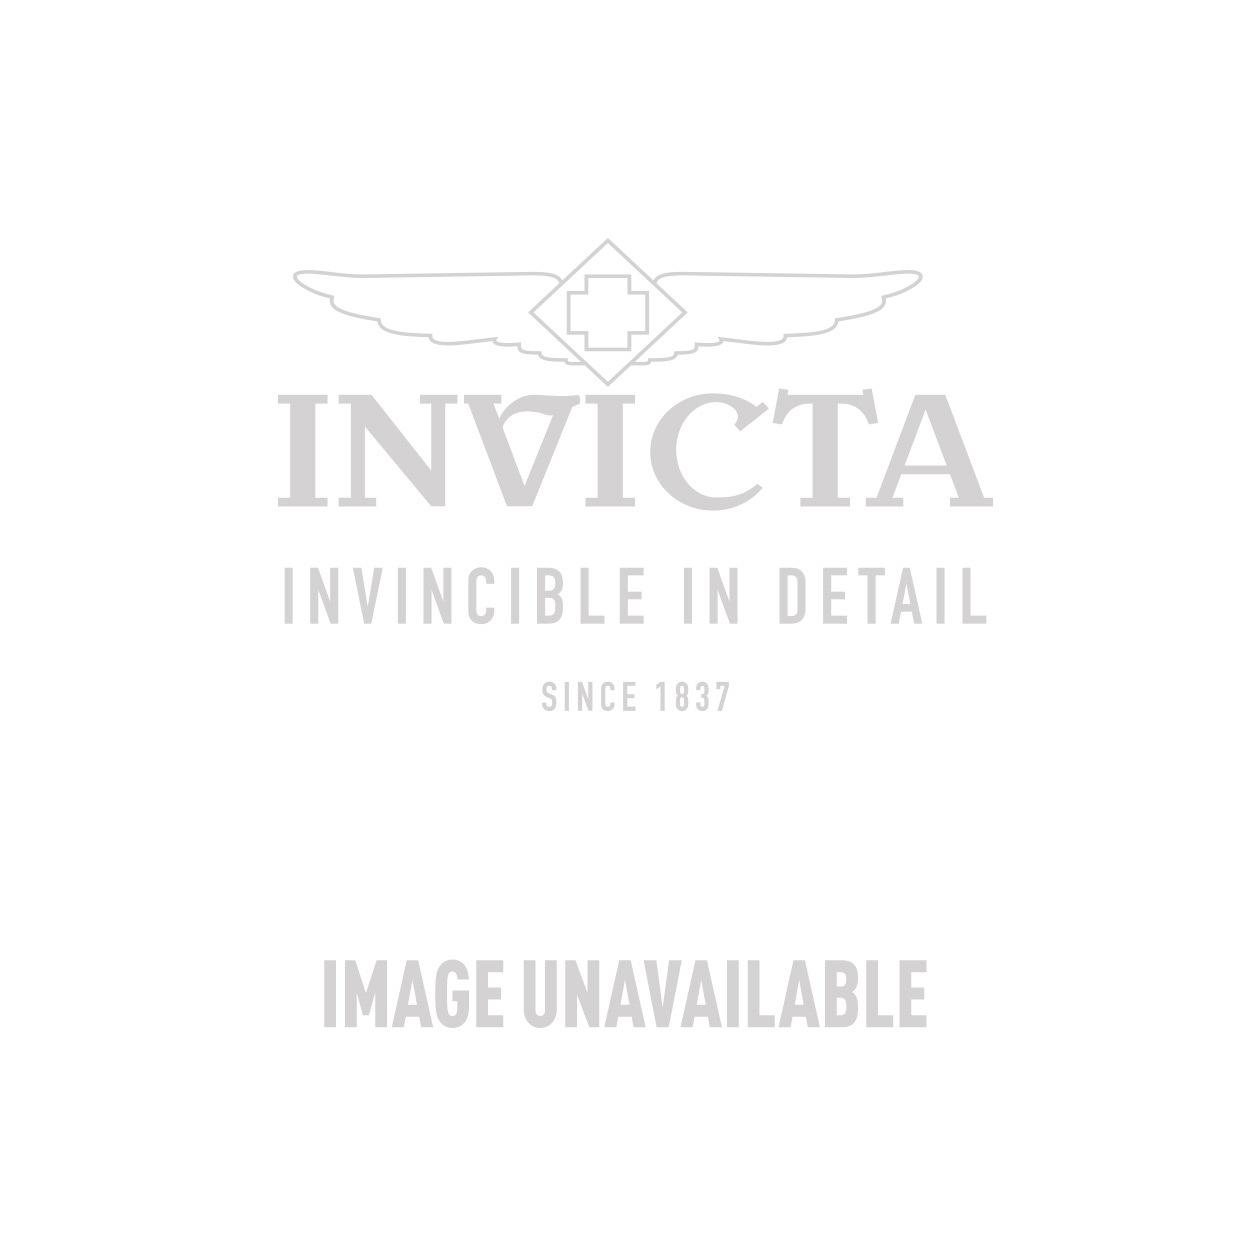 Invicta Model 26887